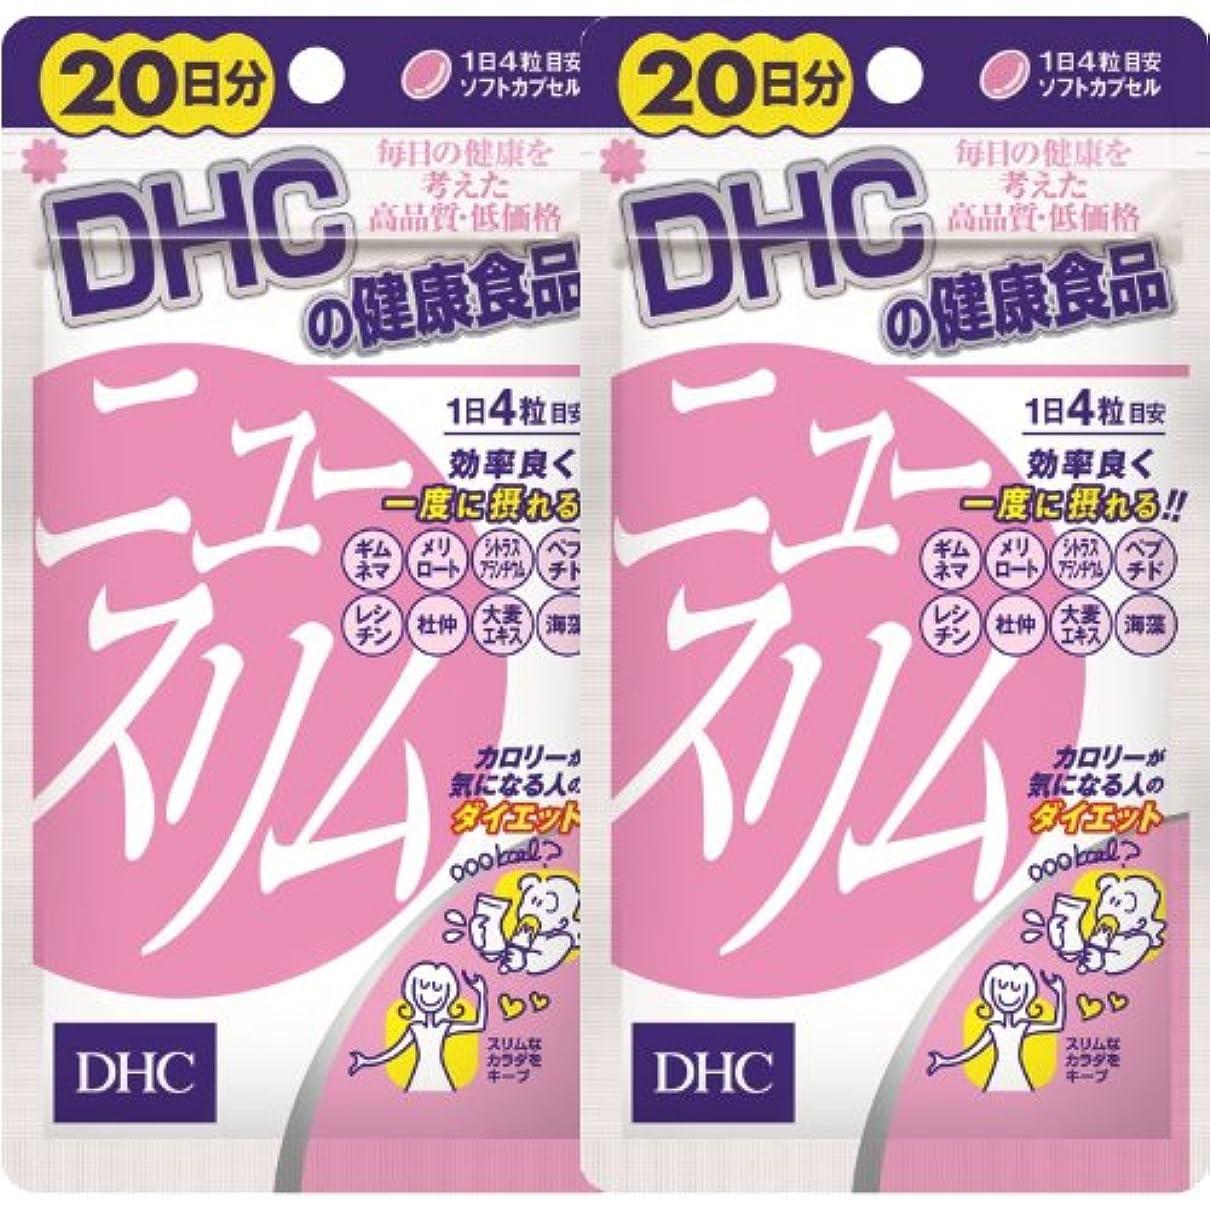 マートブレースめまいDHCニュースリム 20日分(新) 80粒【2個セット】